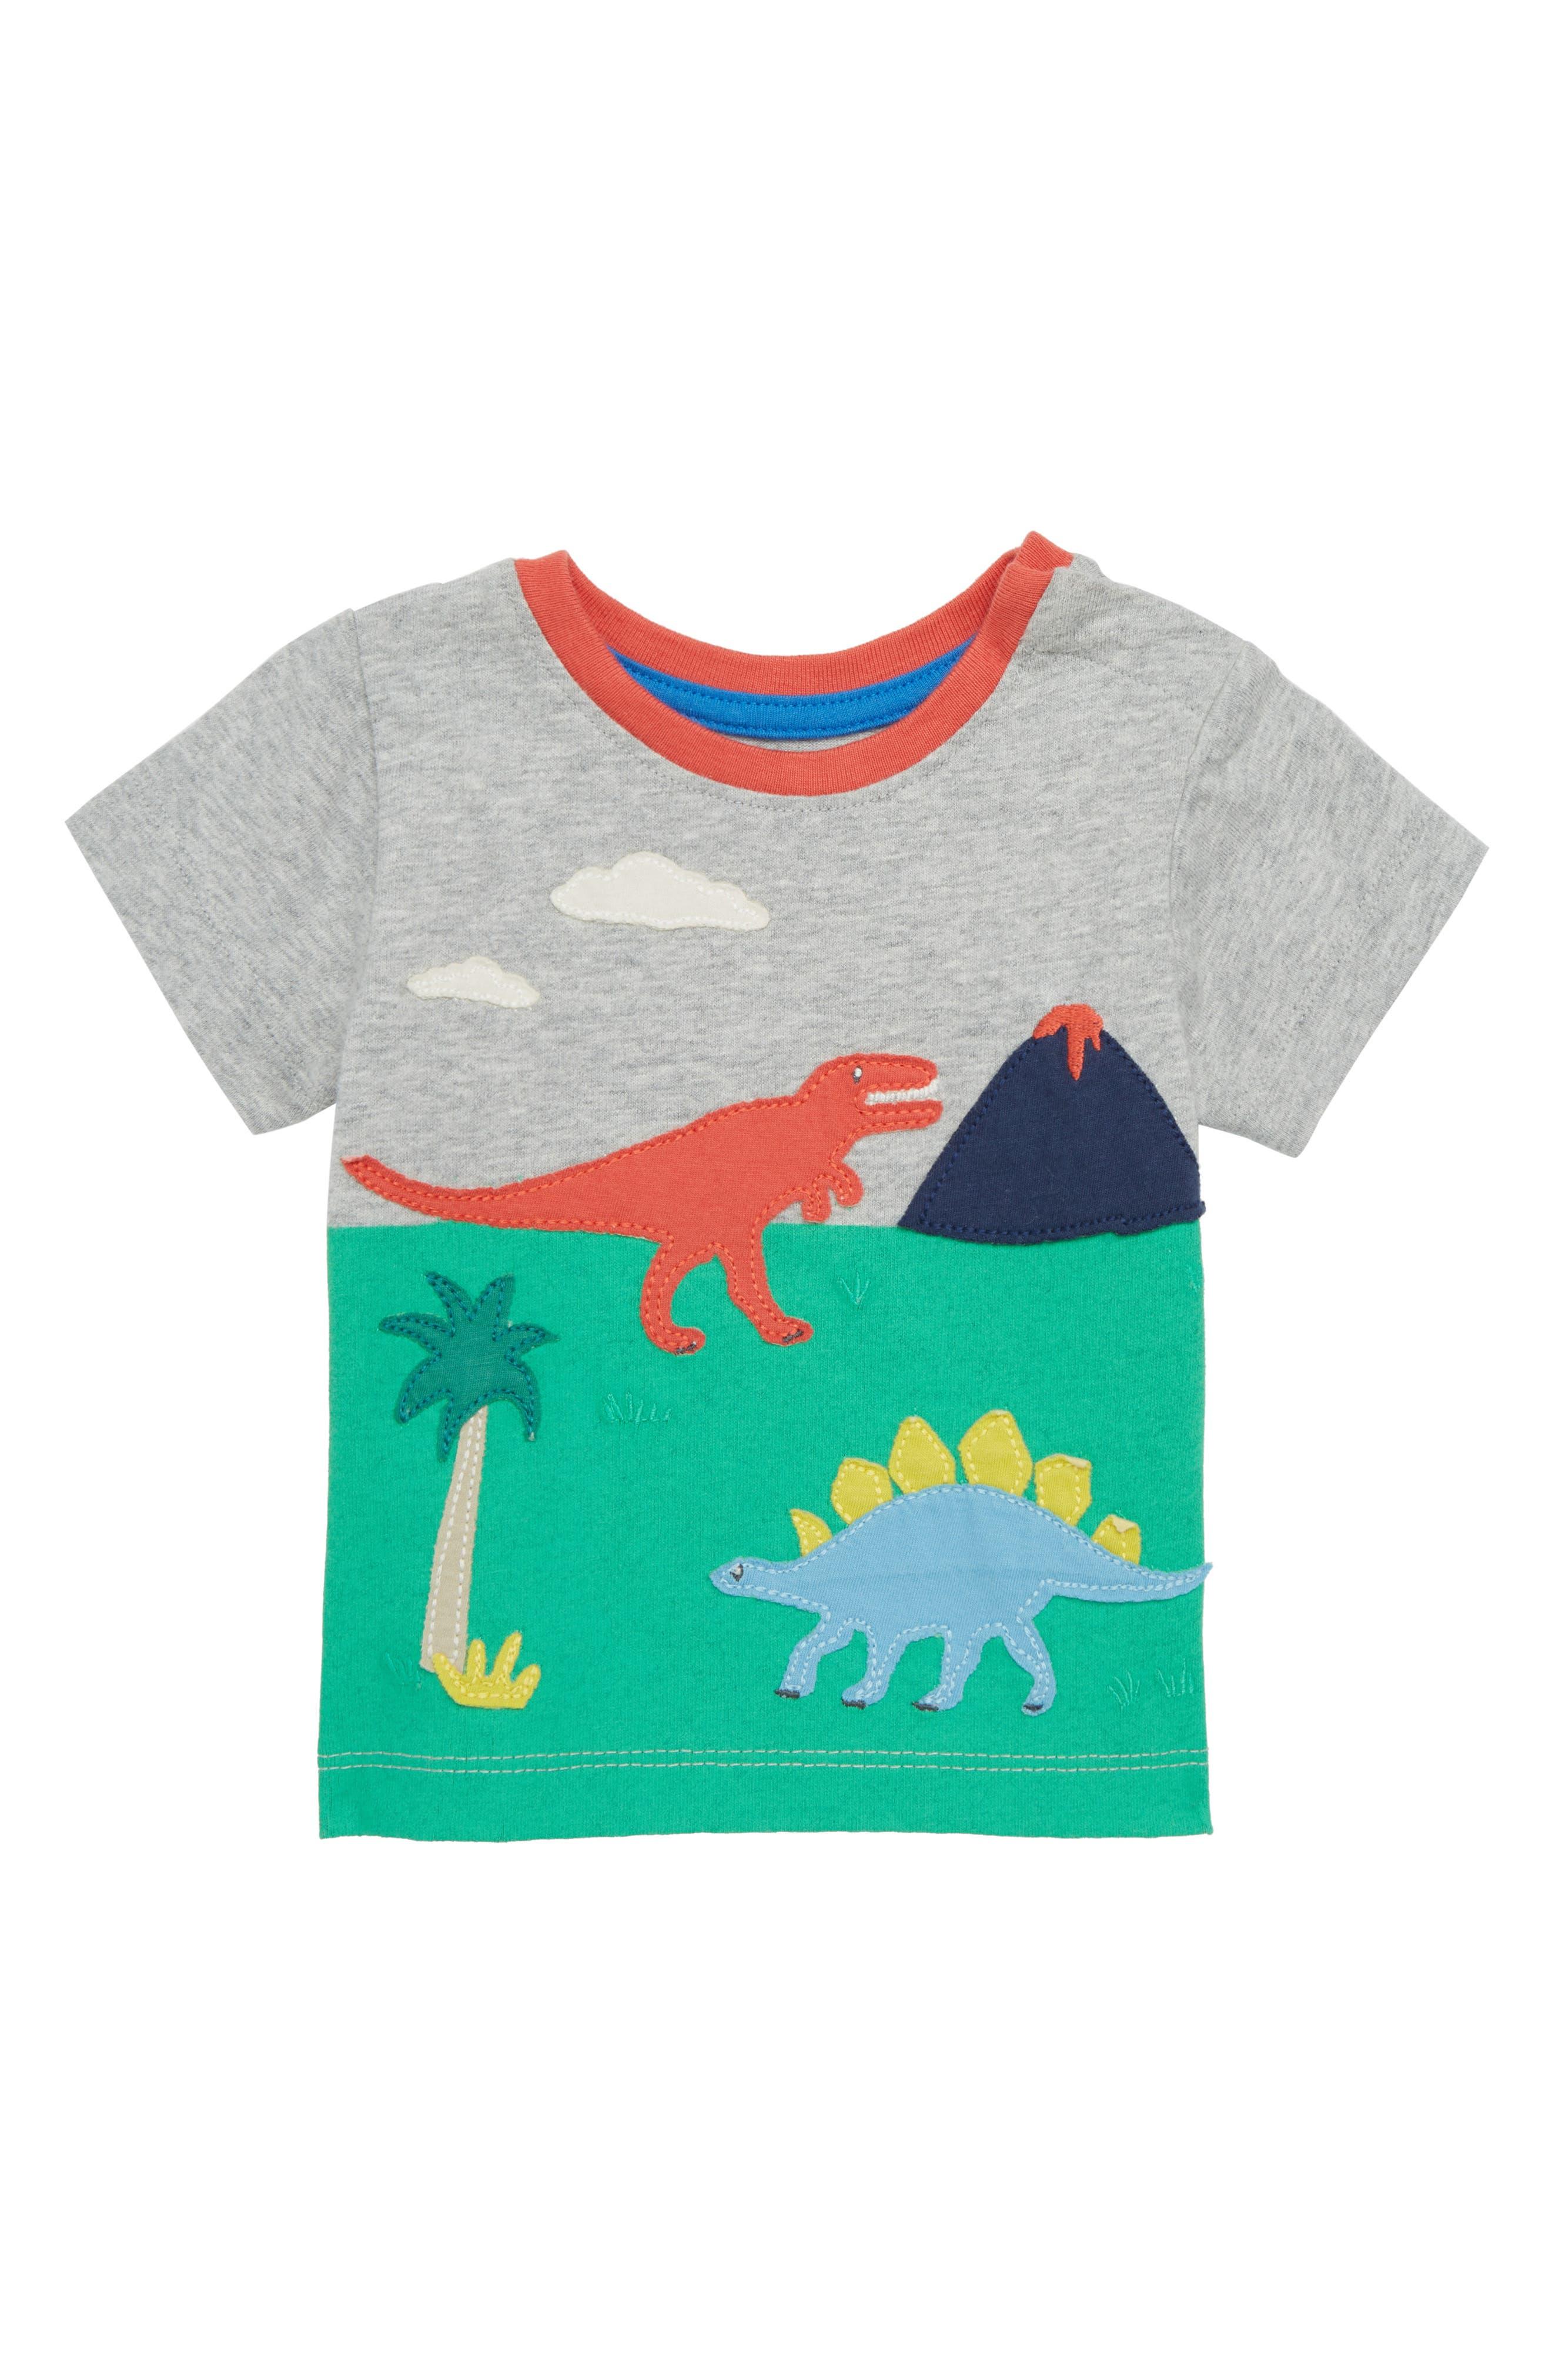 Animal Explorer T-Shirt,                             Main thumbnail 1, color,                             Grey Marl